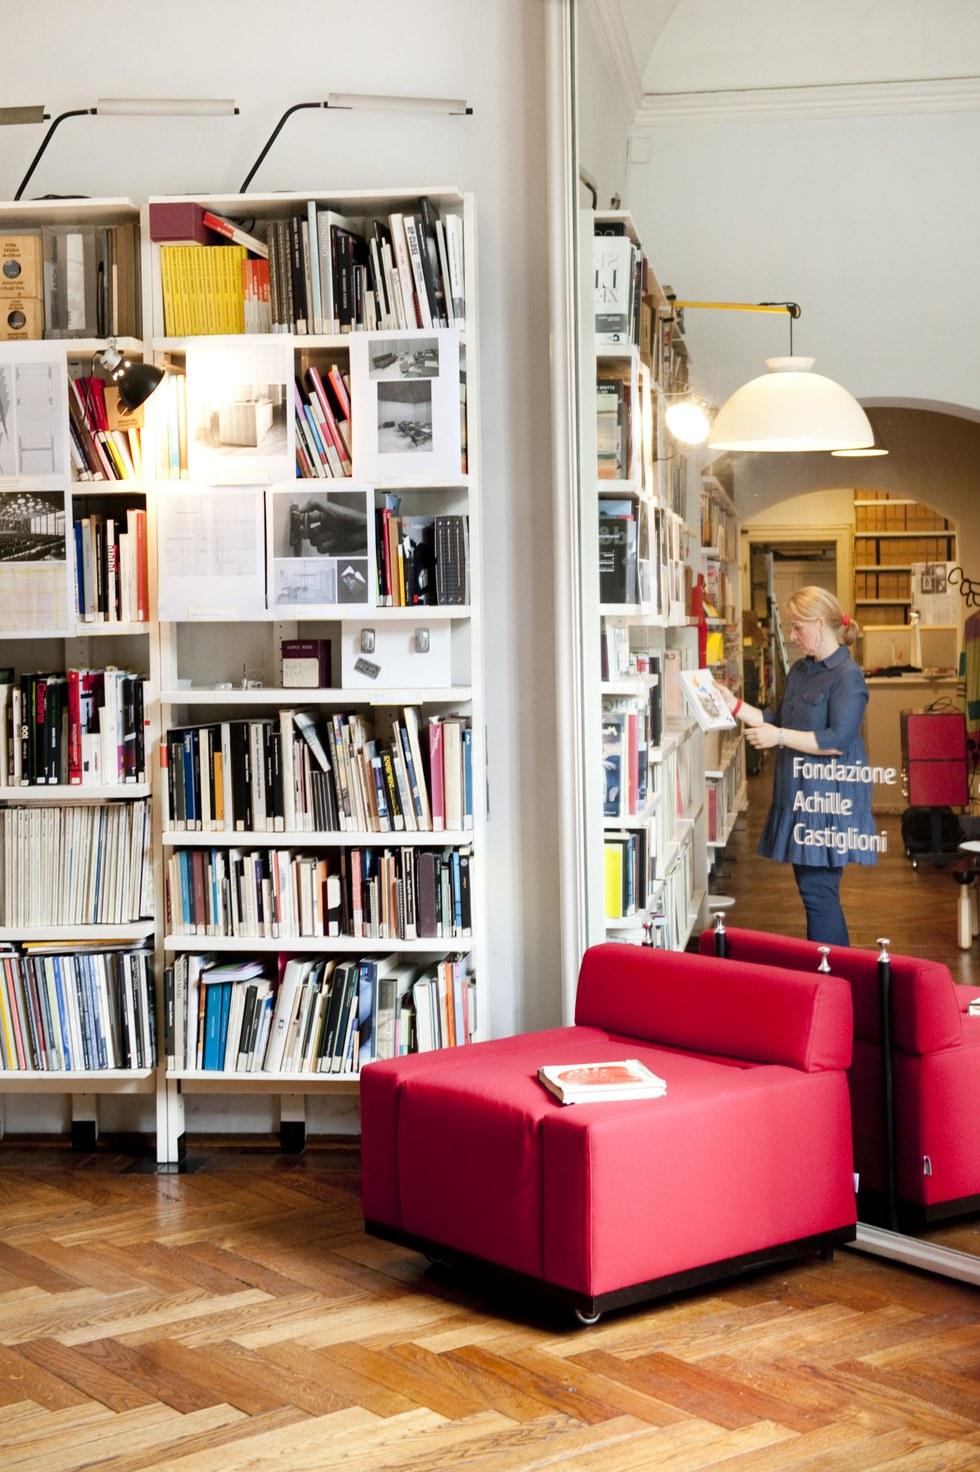 Modern designs at the Museo Achille Castiglioni